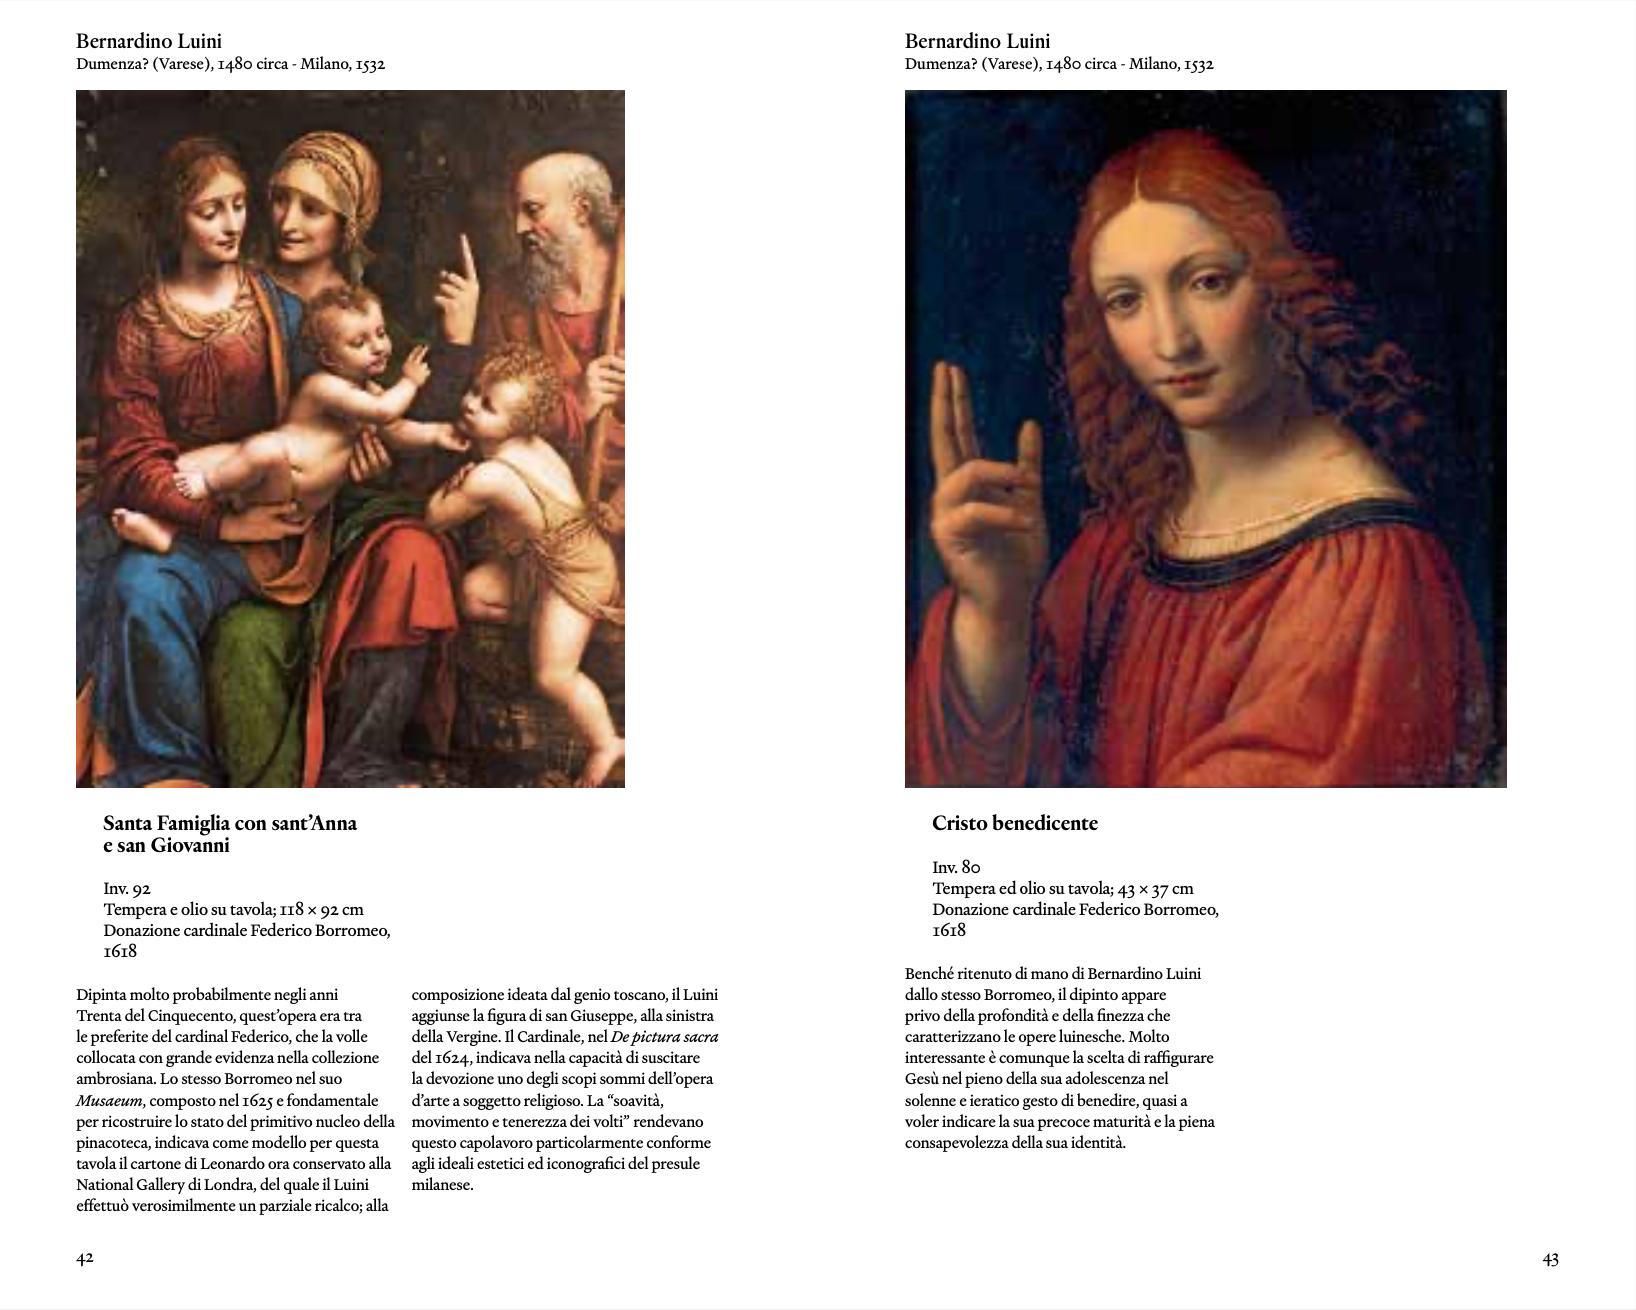 La guida della Pinacoteca Ambrosiana